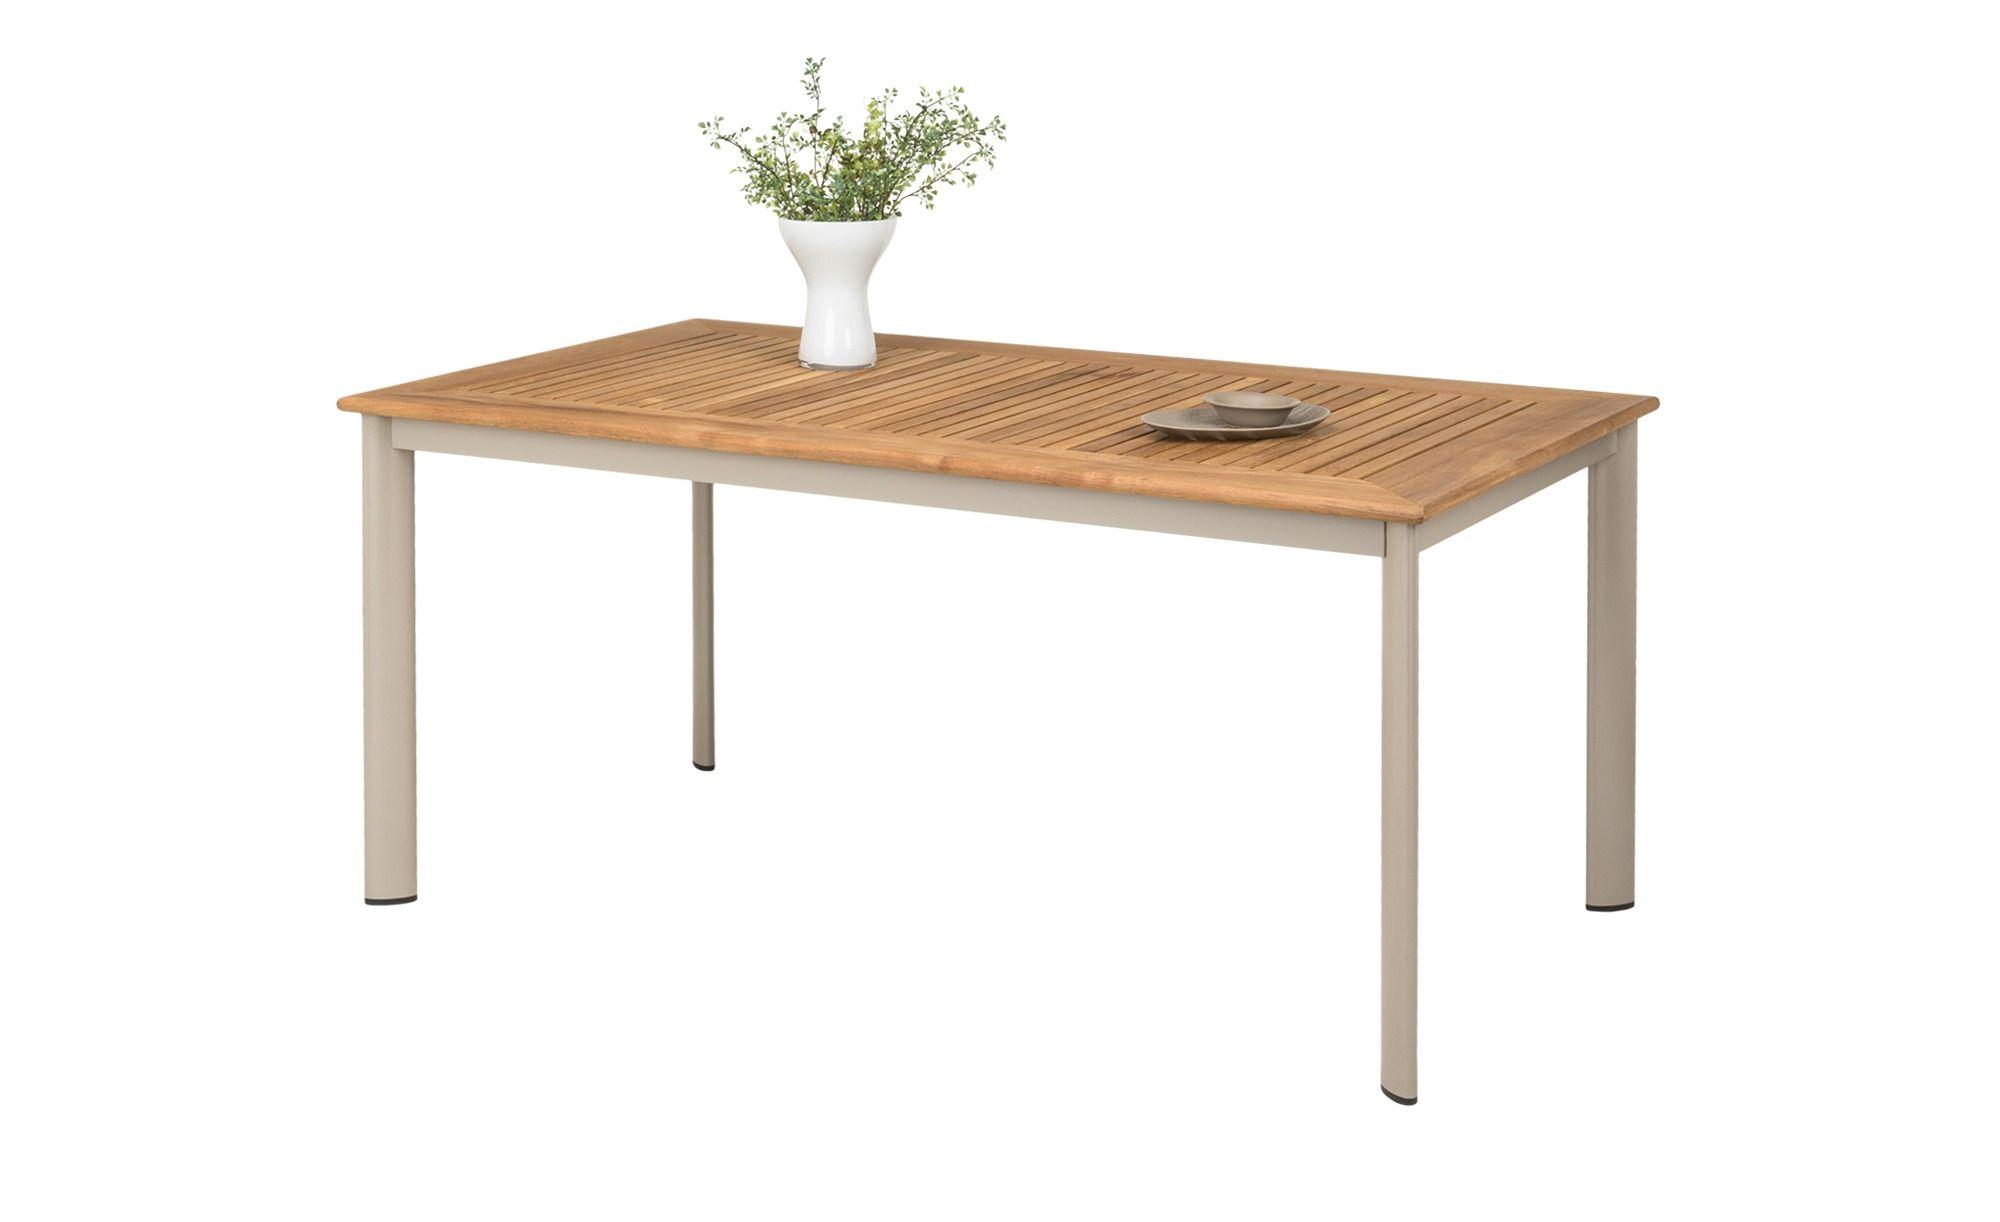 A Casa Mia Gartentisch Mit Teakholz Bonn Gartentisch Teak Holz